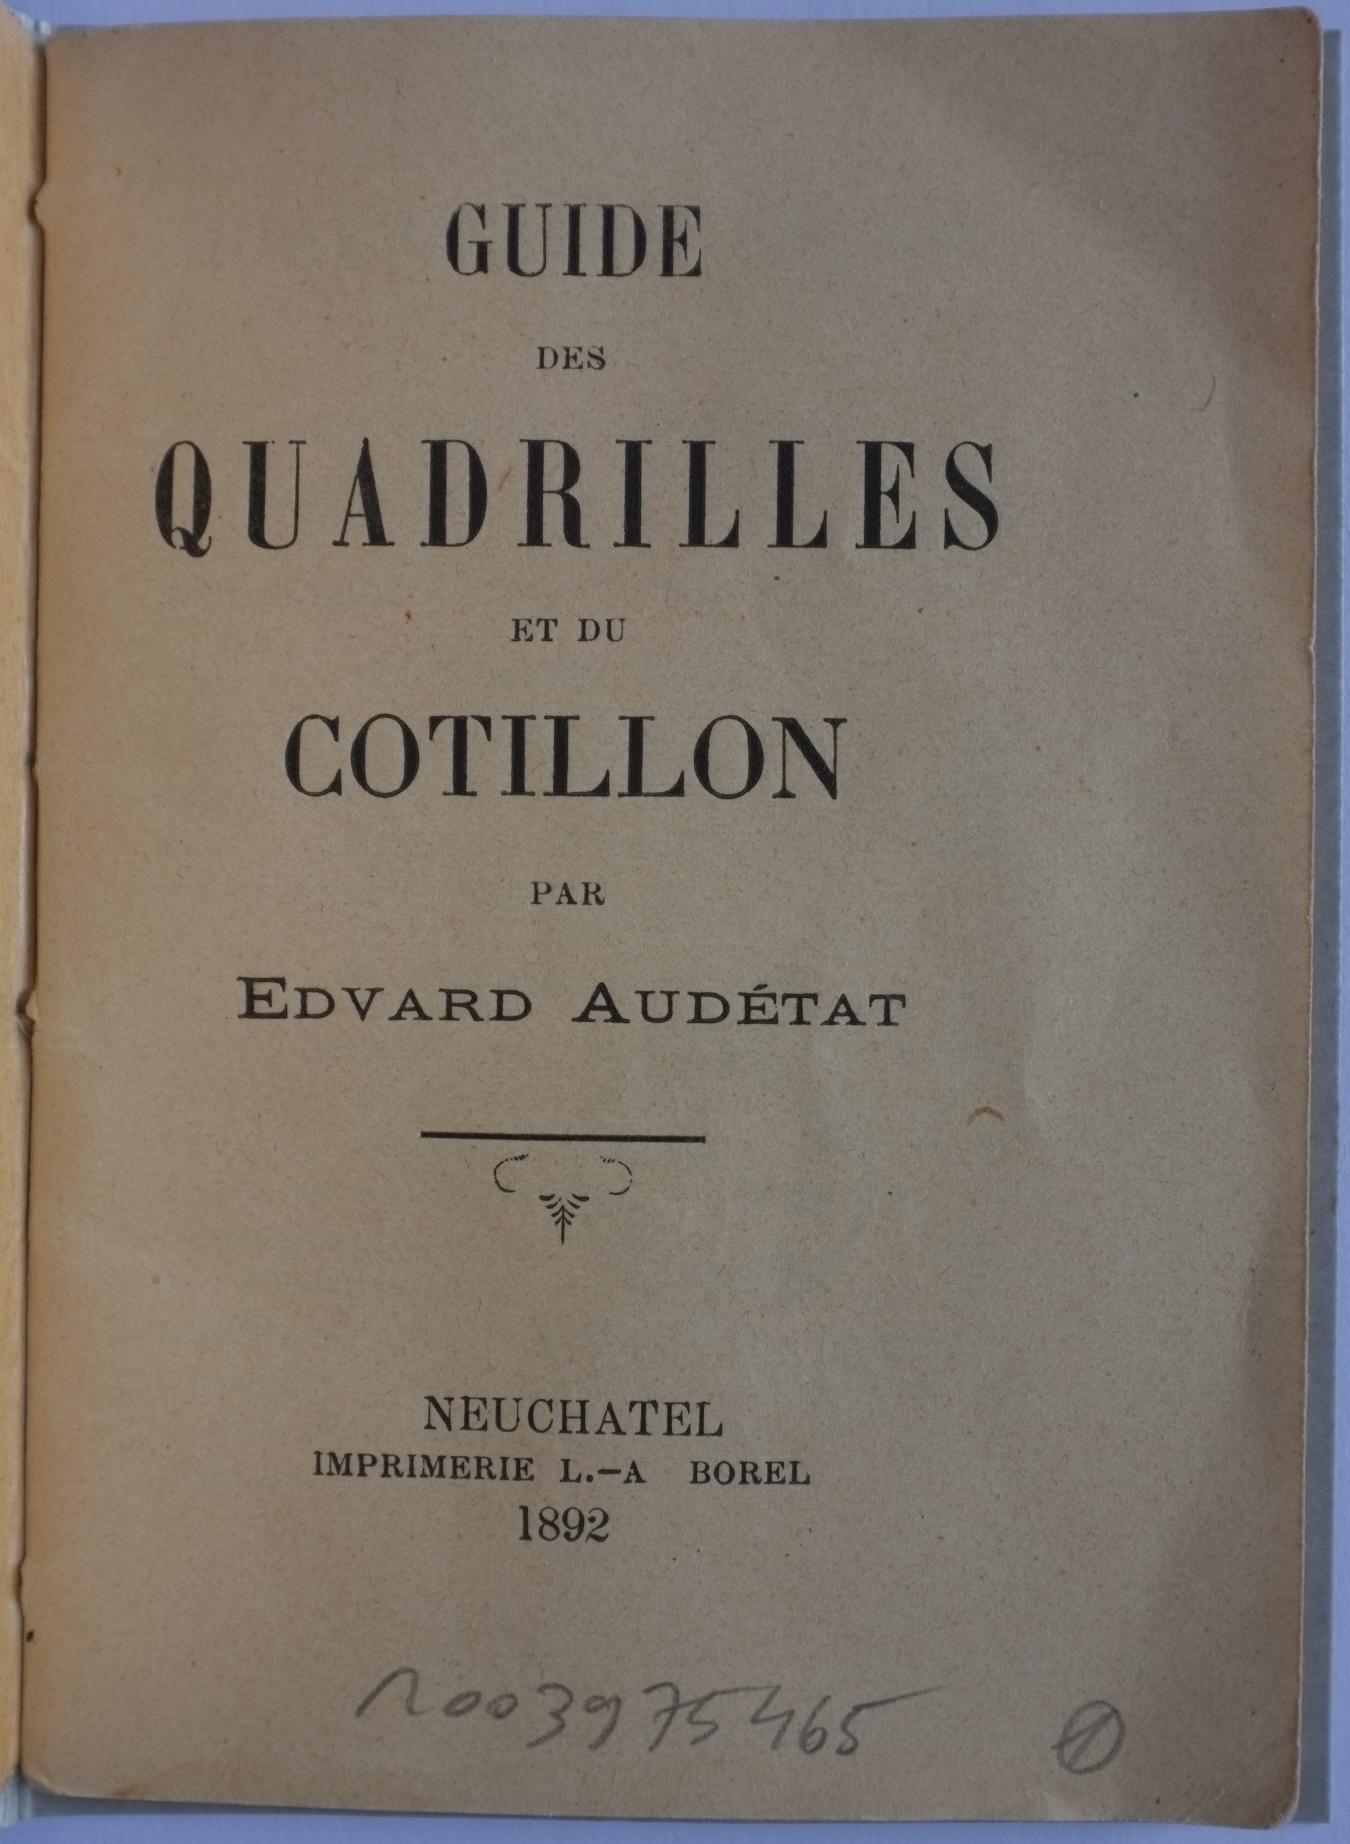 Guide des quadrilles et du cotillon 1